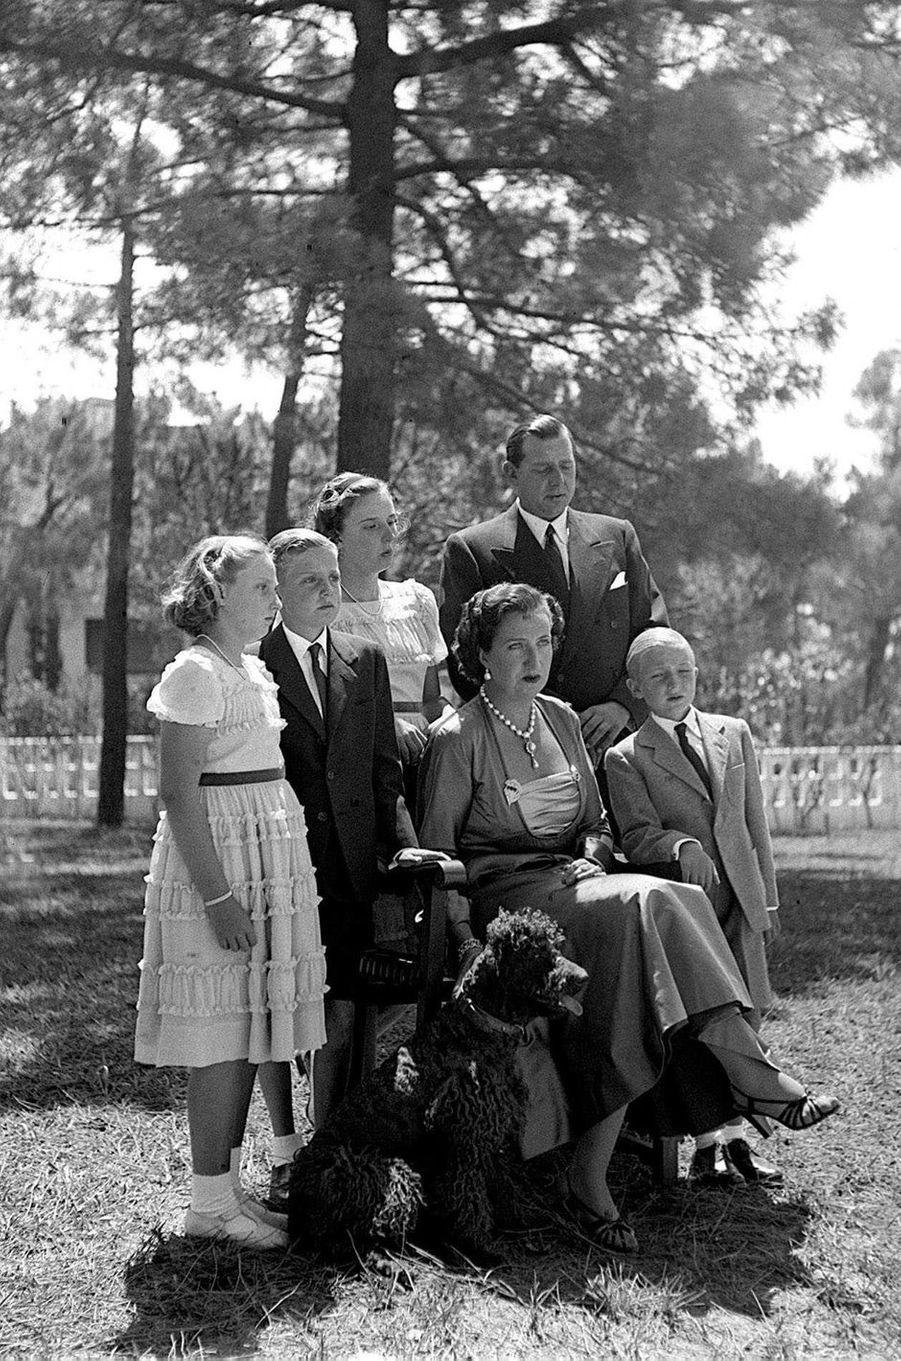 Le prince Juan Carlos d'Espagne (2e depuis la gauche) avec ses parents, ses soeurs Margarita et Pilar et son frère Alfonso, le 1er août 1949